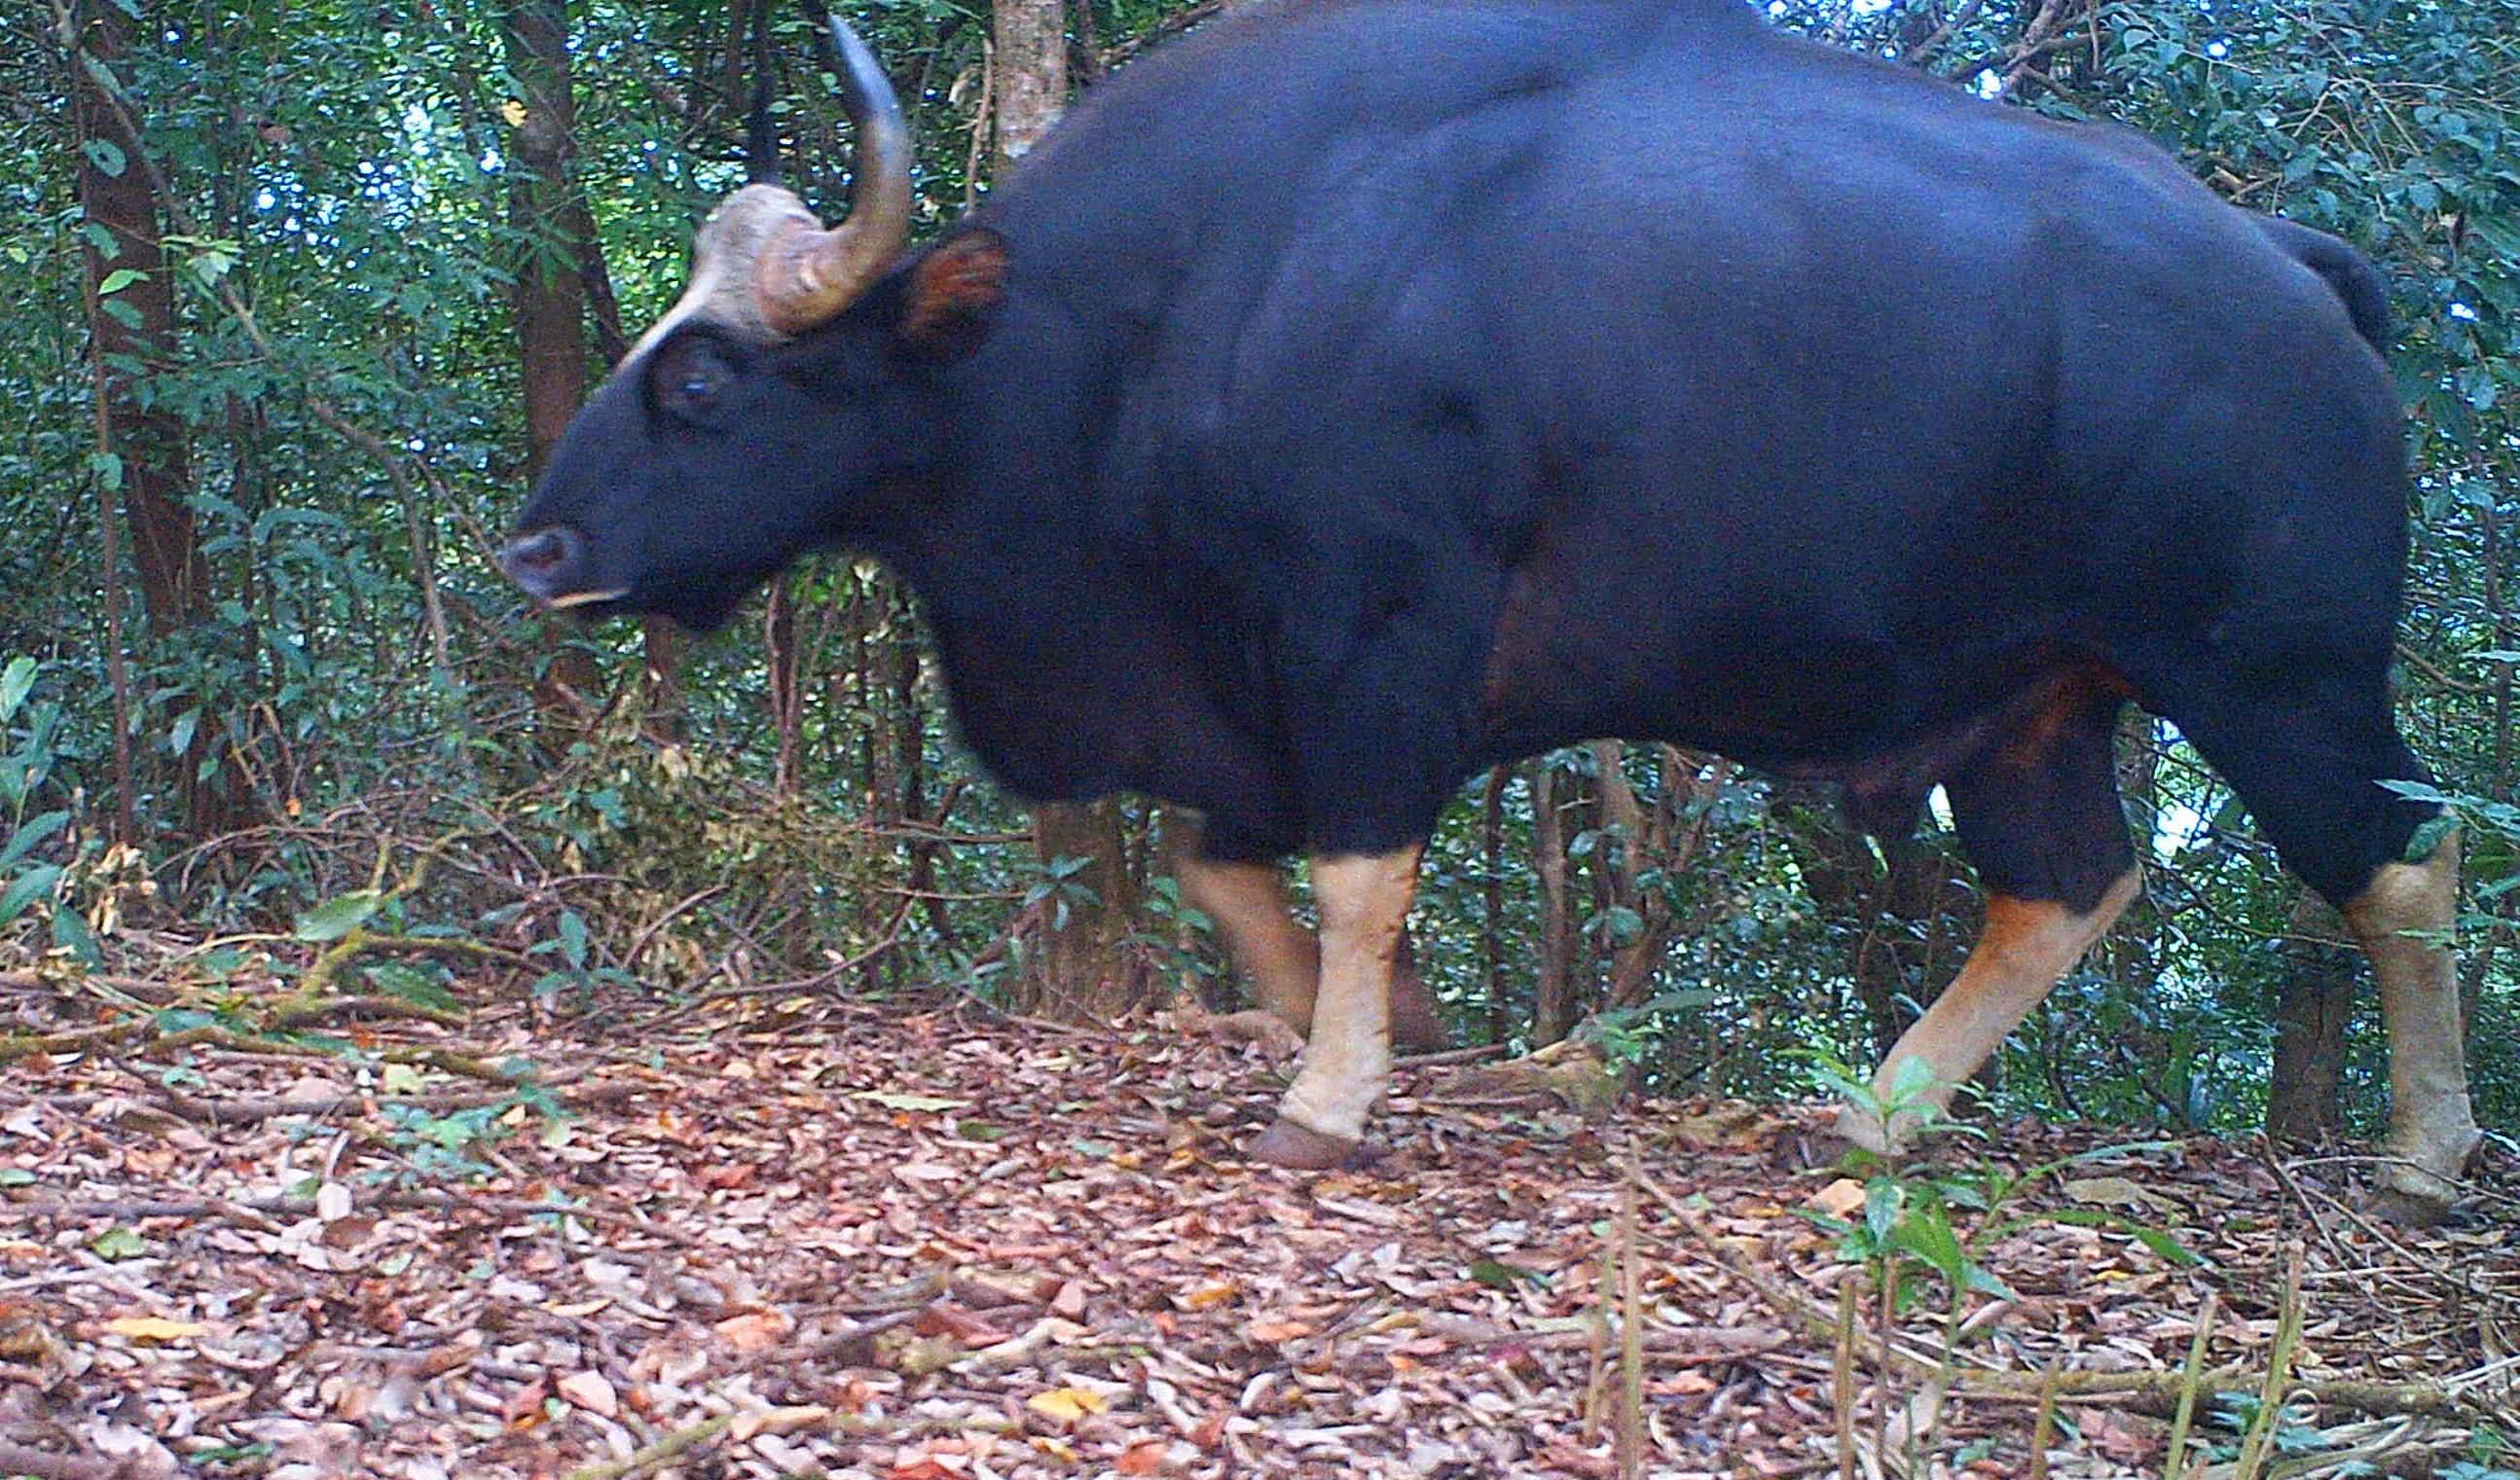 kayin gaur